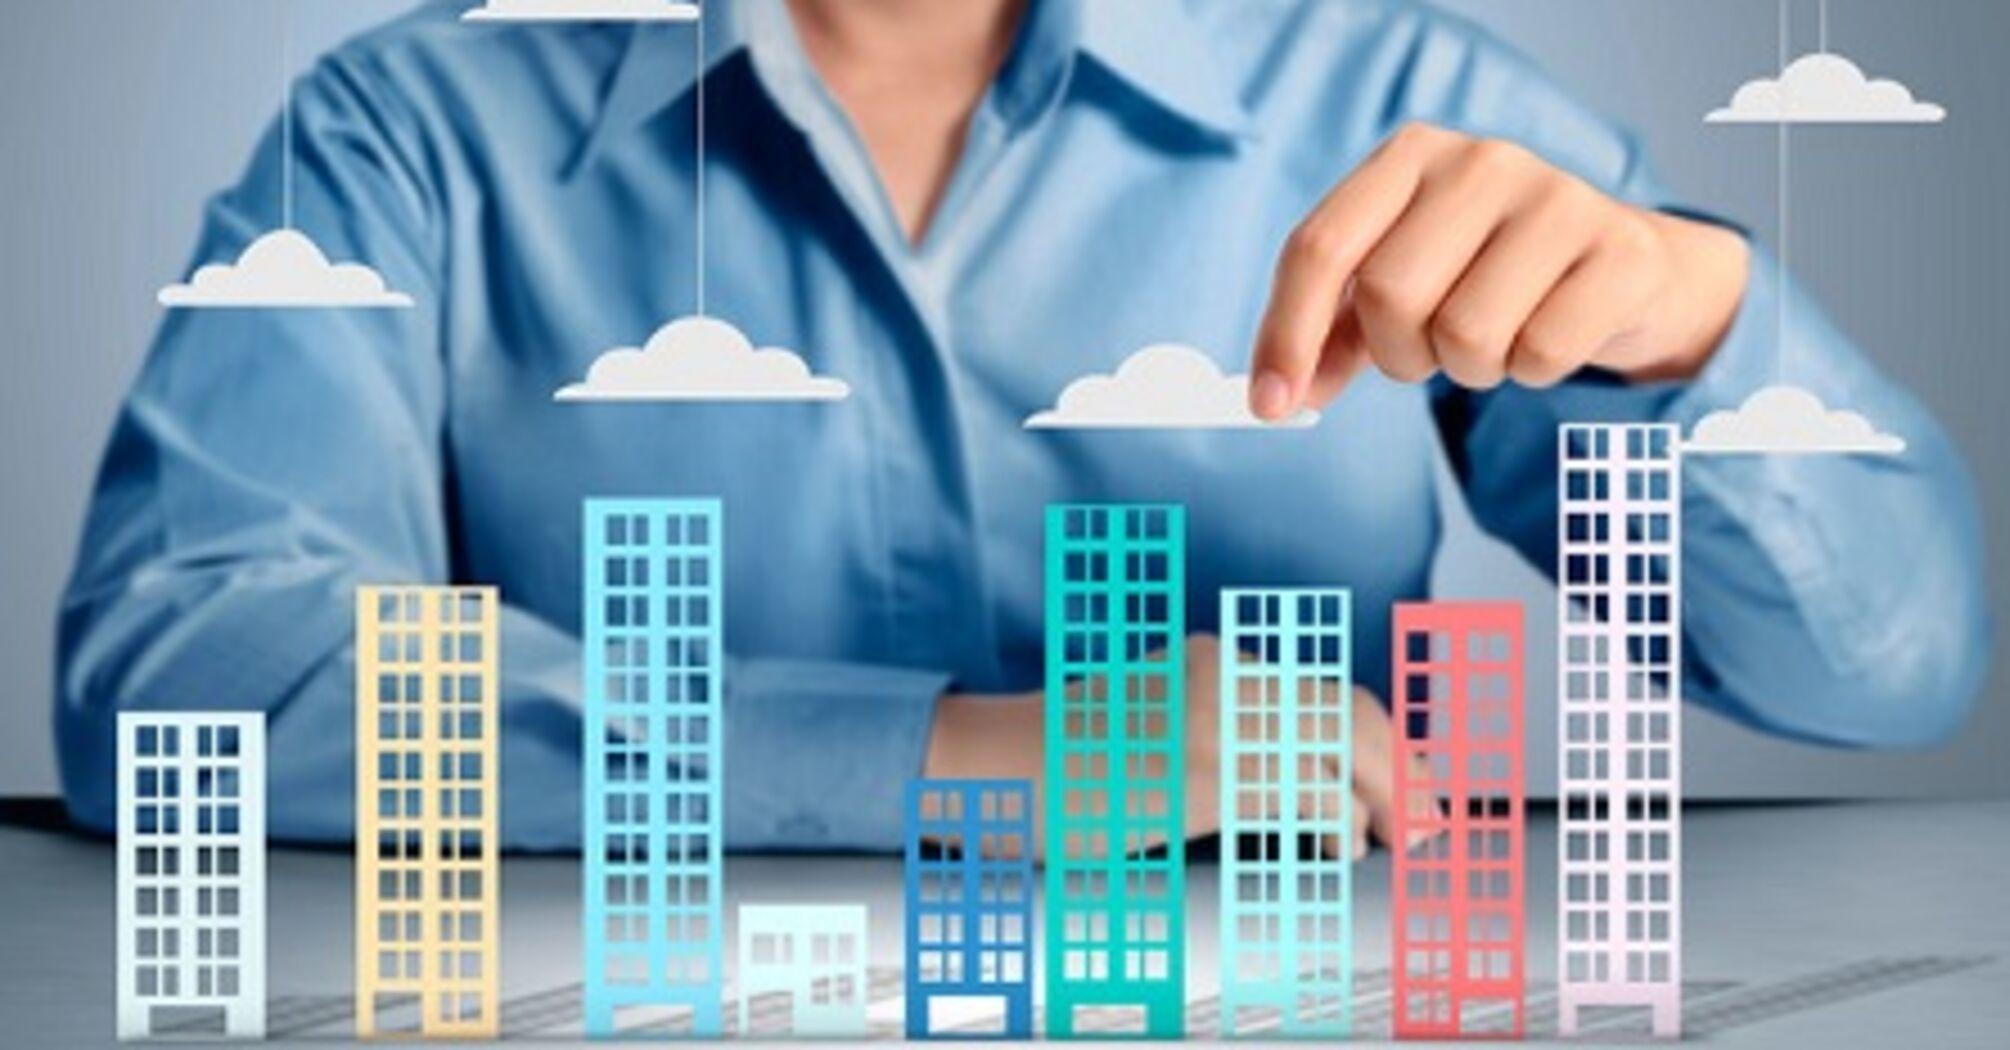 Несмотря на карантин, цены на жилье в Украине выросли